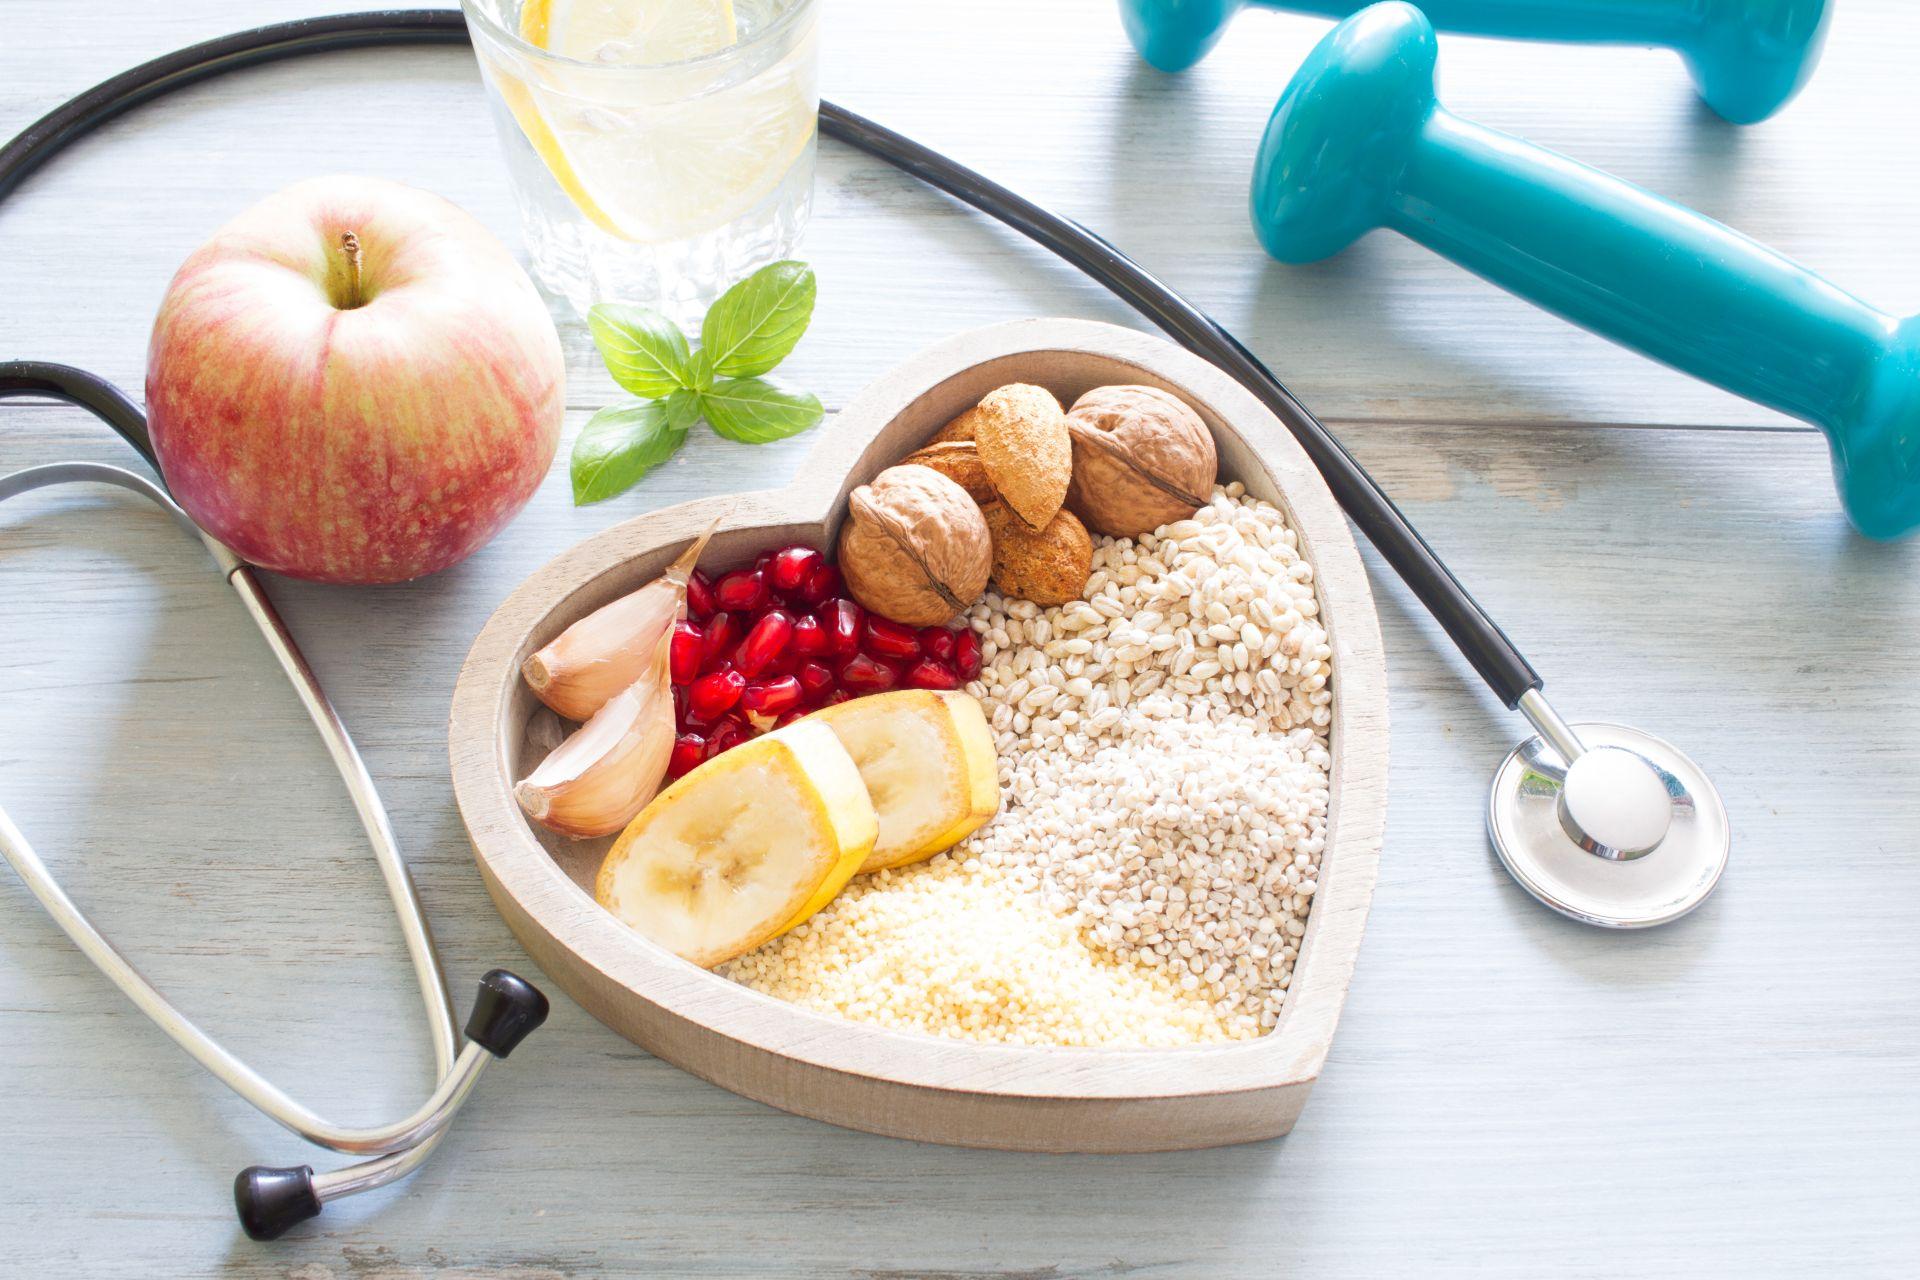 Cholesterol - mity i fakty, które zmienią twoje postrzeganie o tematyce cholesterolu - w jakim wieku wykonać badania, czy cholesterol wiąże się tylko z nadwagą, czy podwyższony cholesterol zawsze oznacza chorobę? Sprawdź!